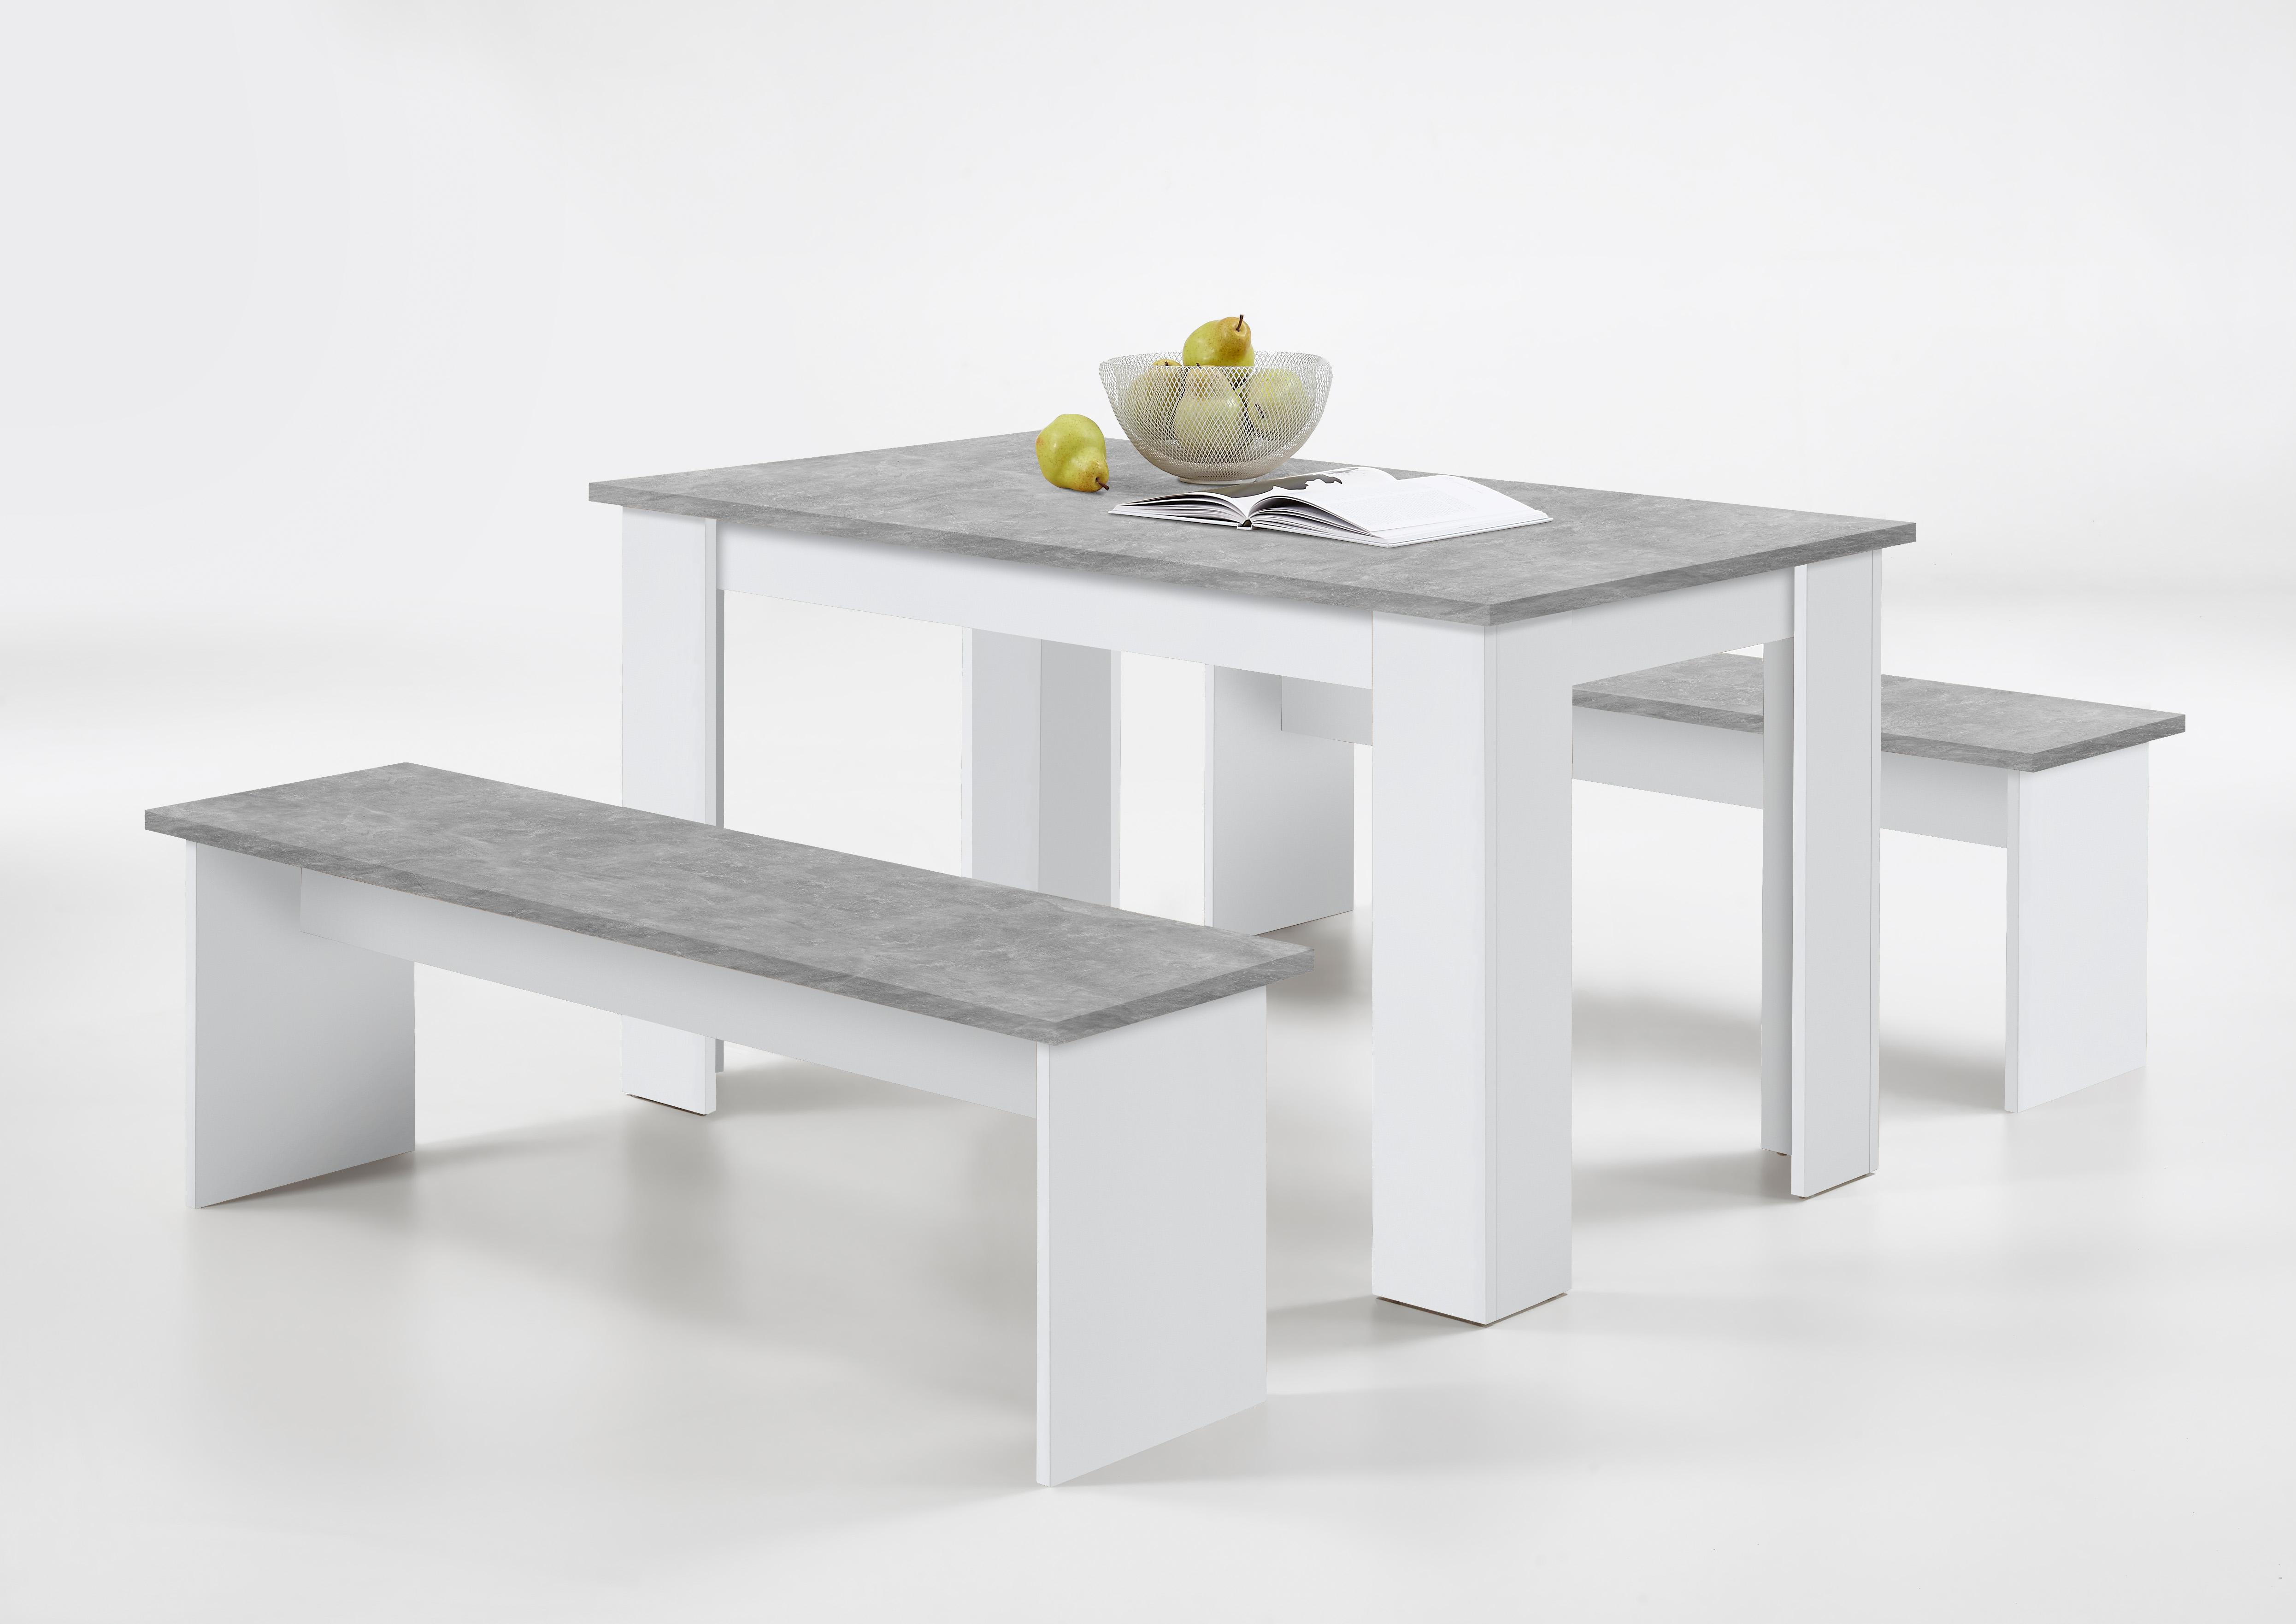 DORNUM Sitzgruppe von FMD Beton / Weiss